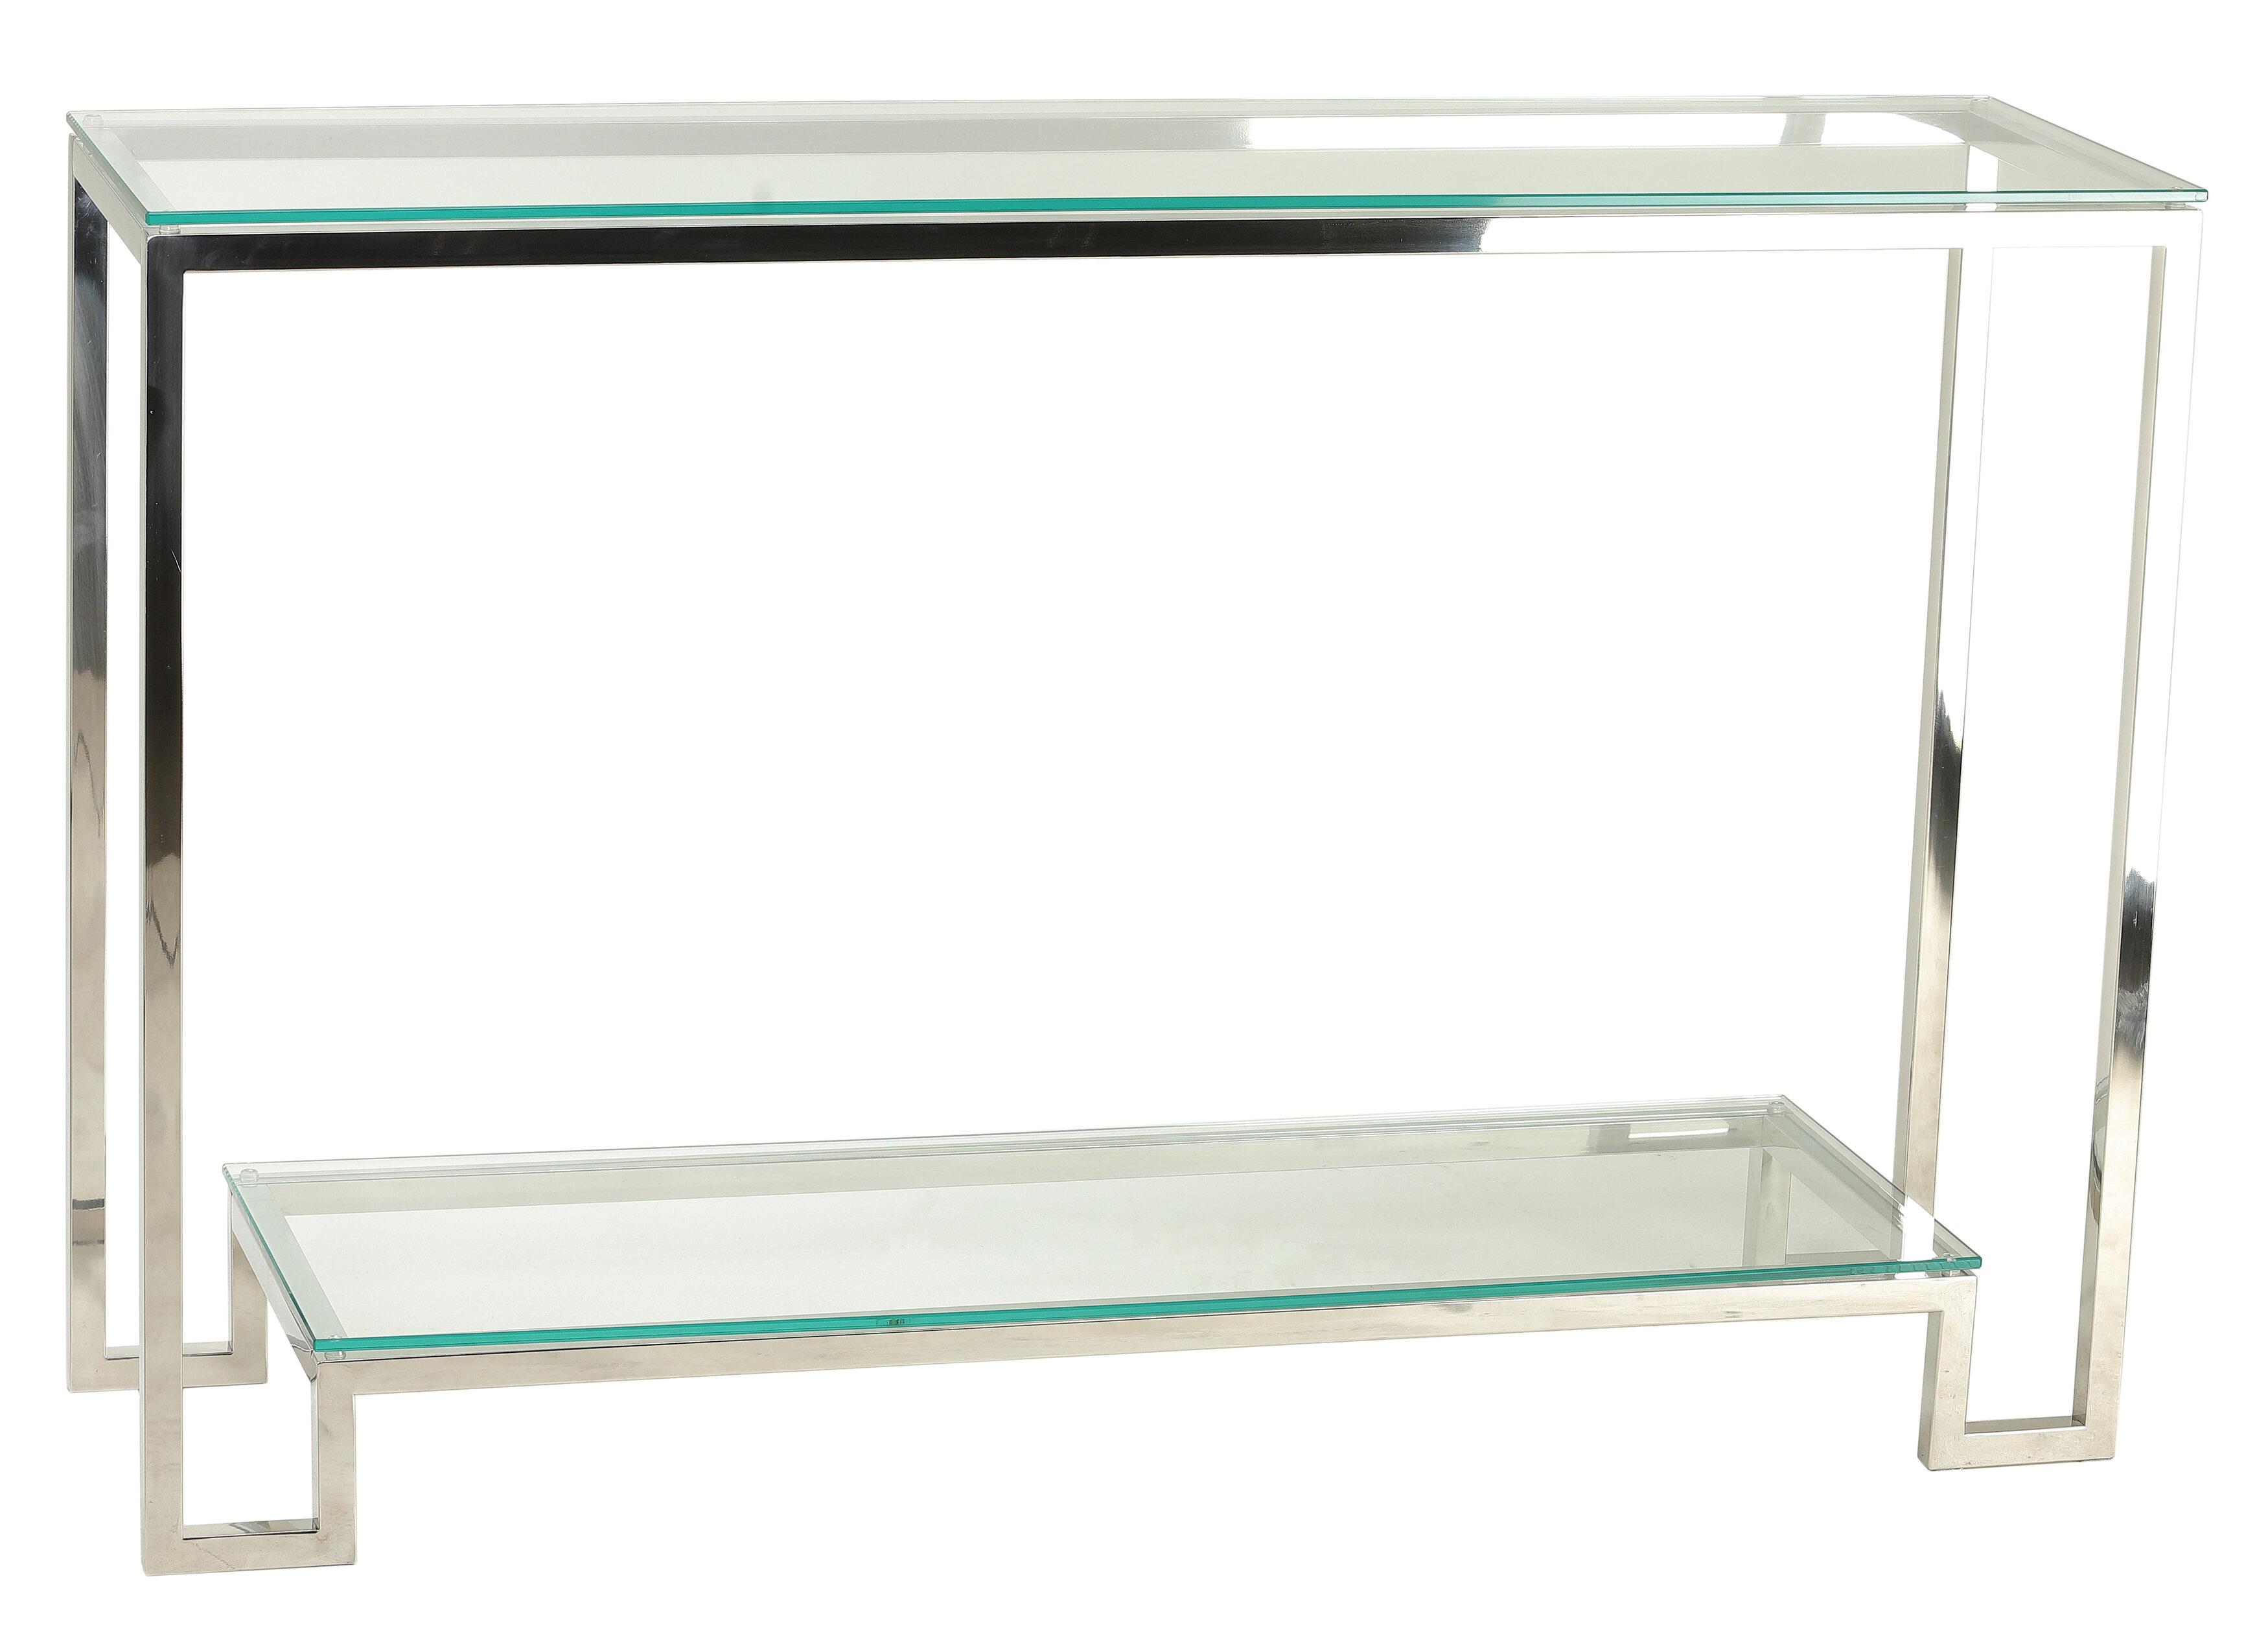 Mercer41 shepler contemporary 2 shelf glass console table reviews wayfair